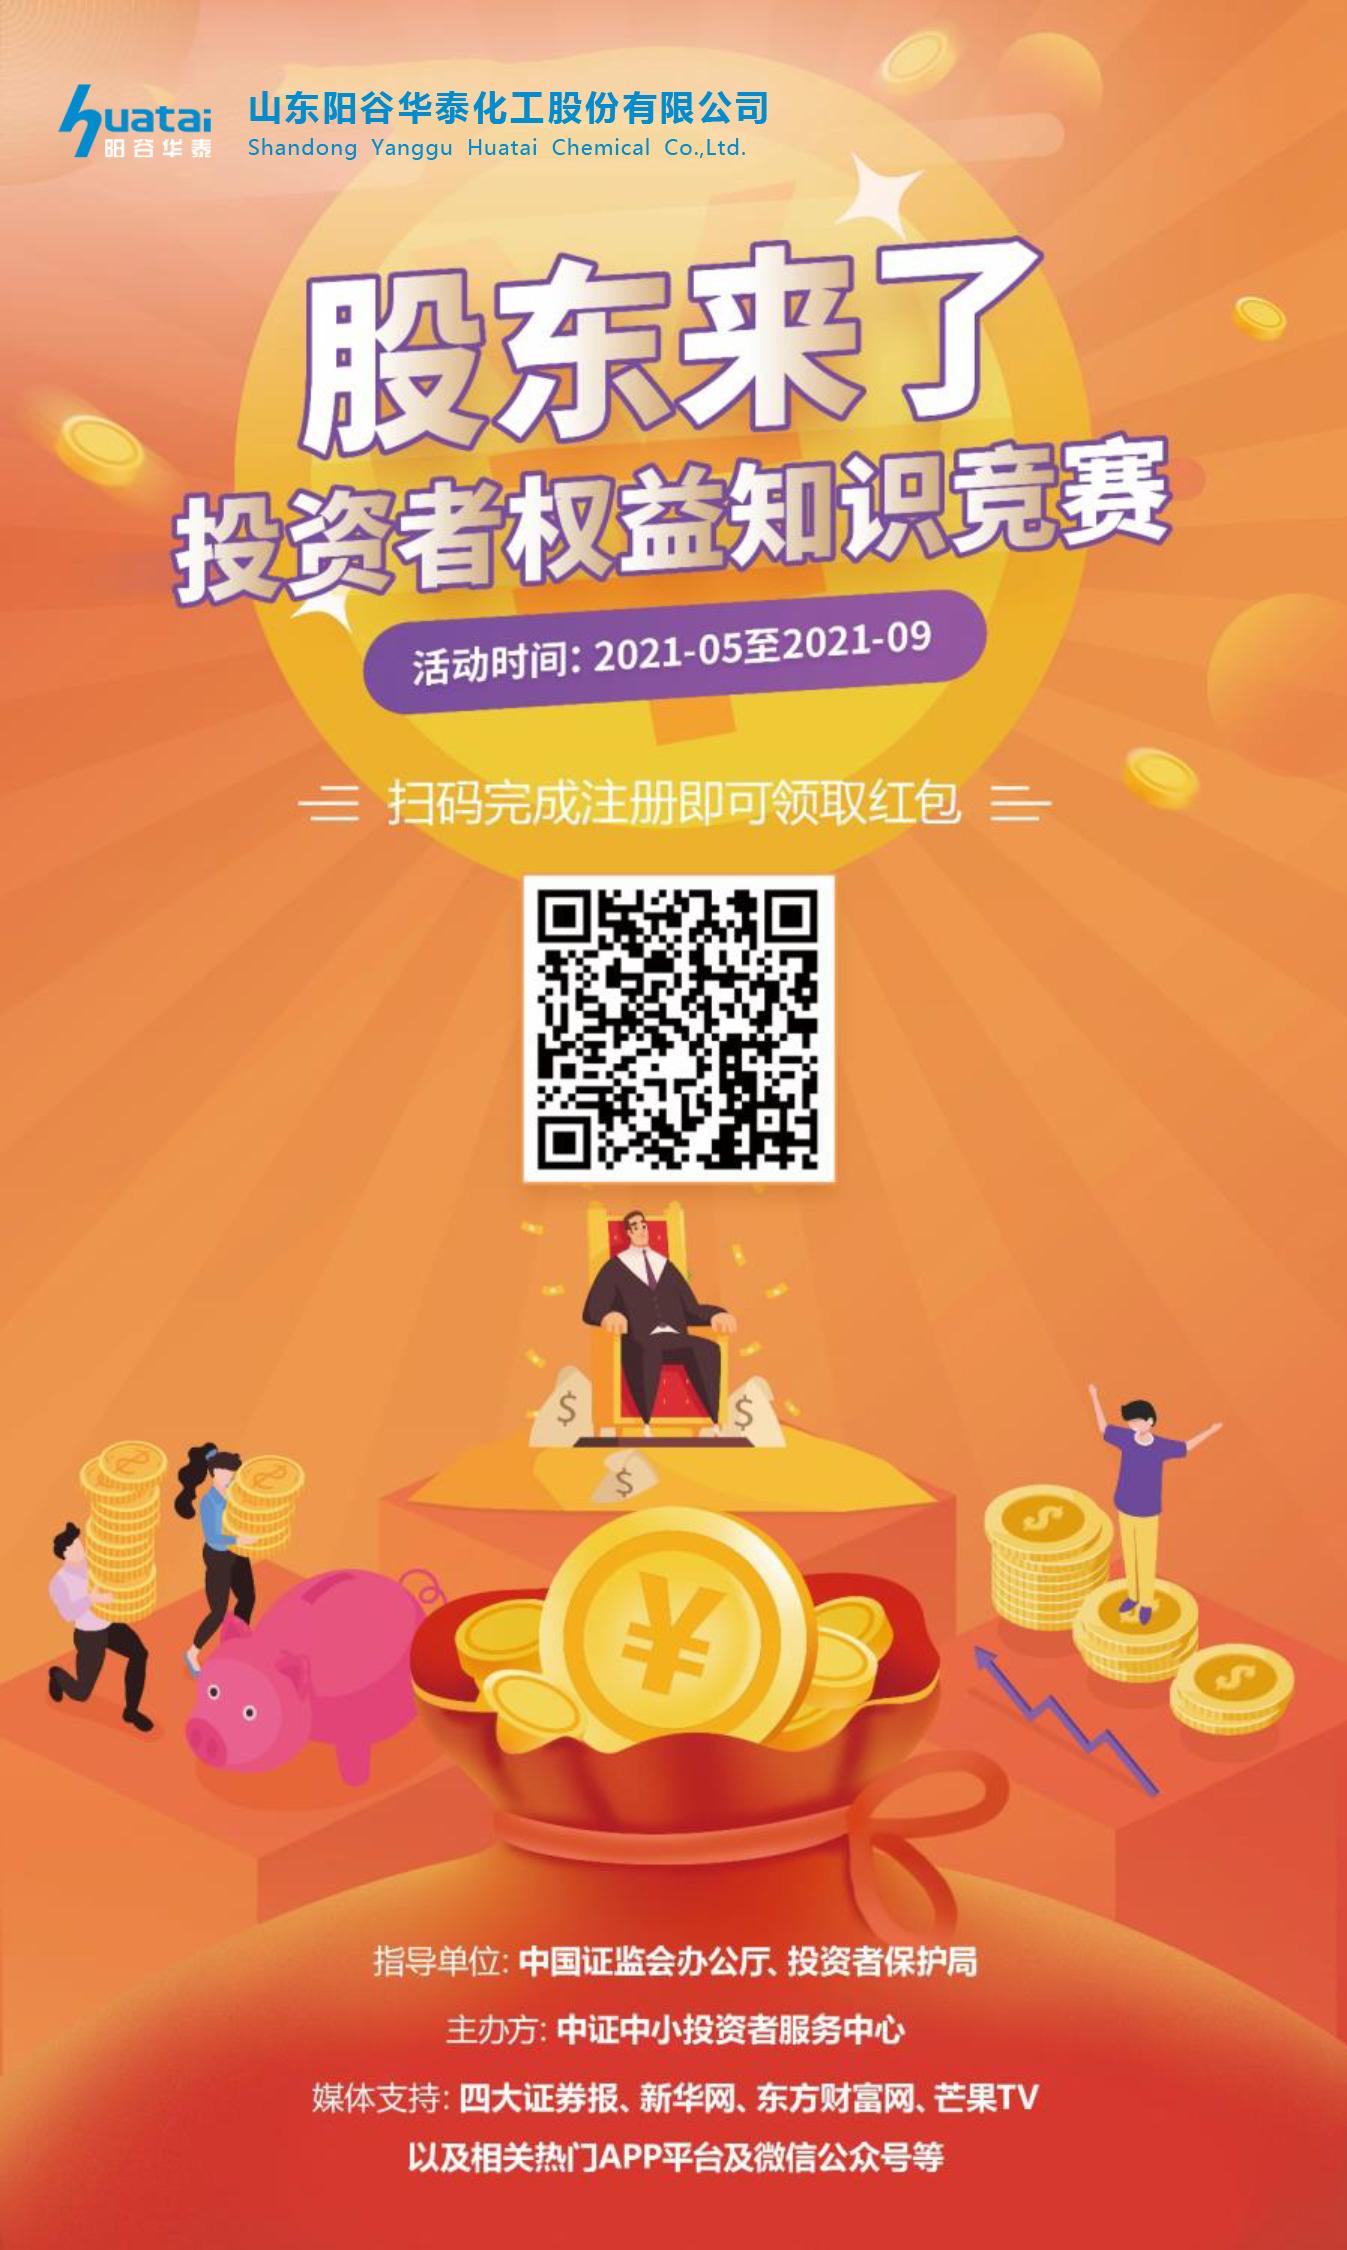 股東來了!陽谷華泰邀請您參加投資者權益知識競賽